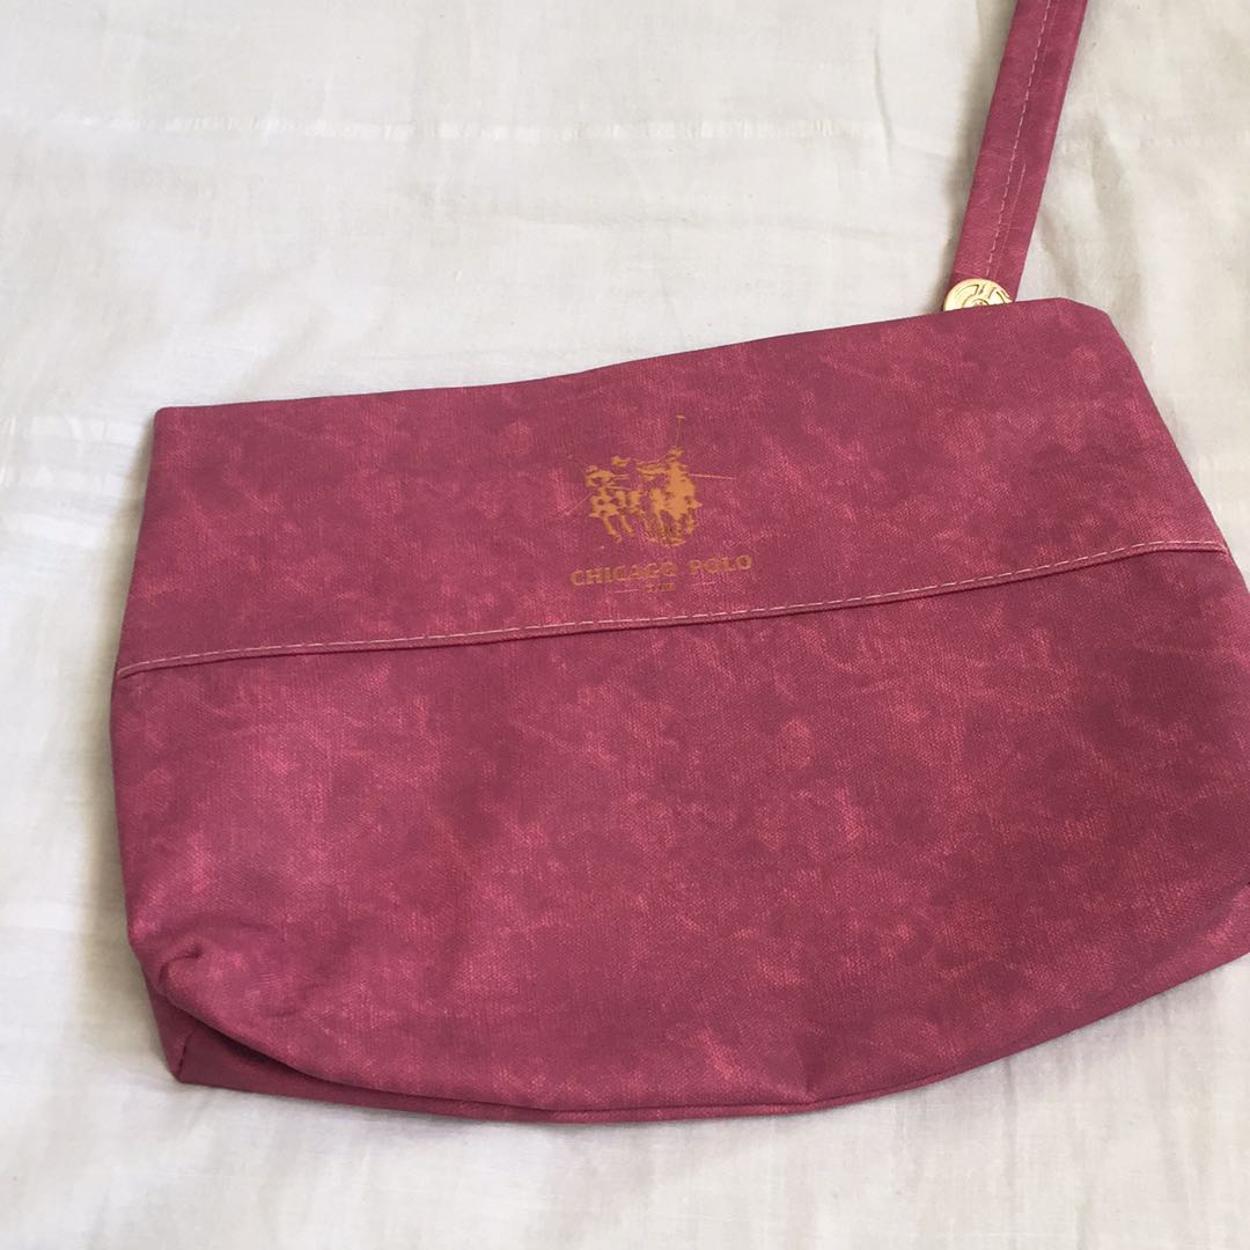 Polo Garage Portföy/El çantası